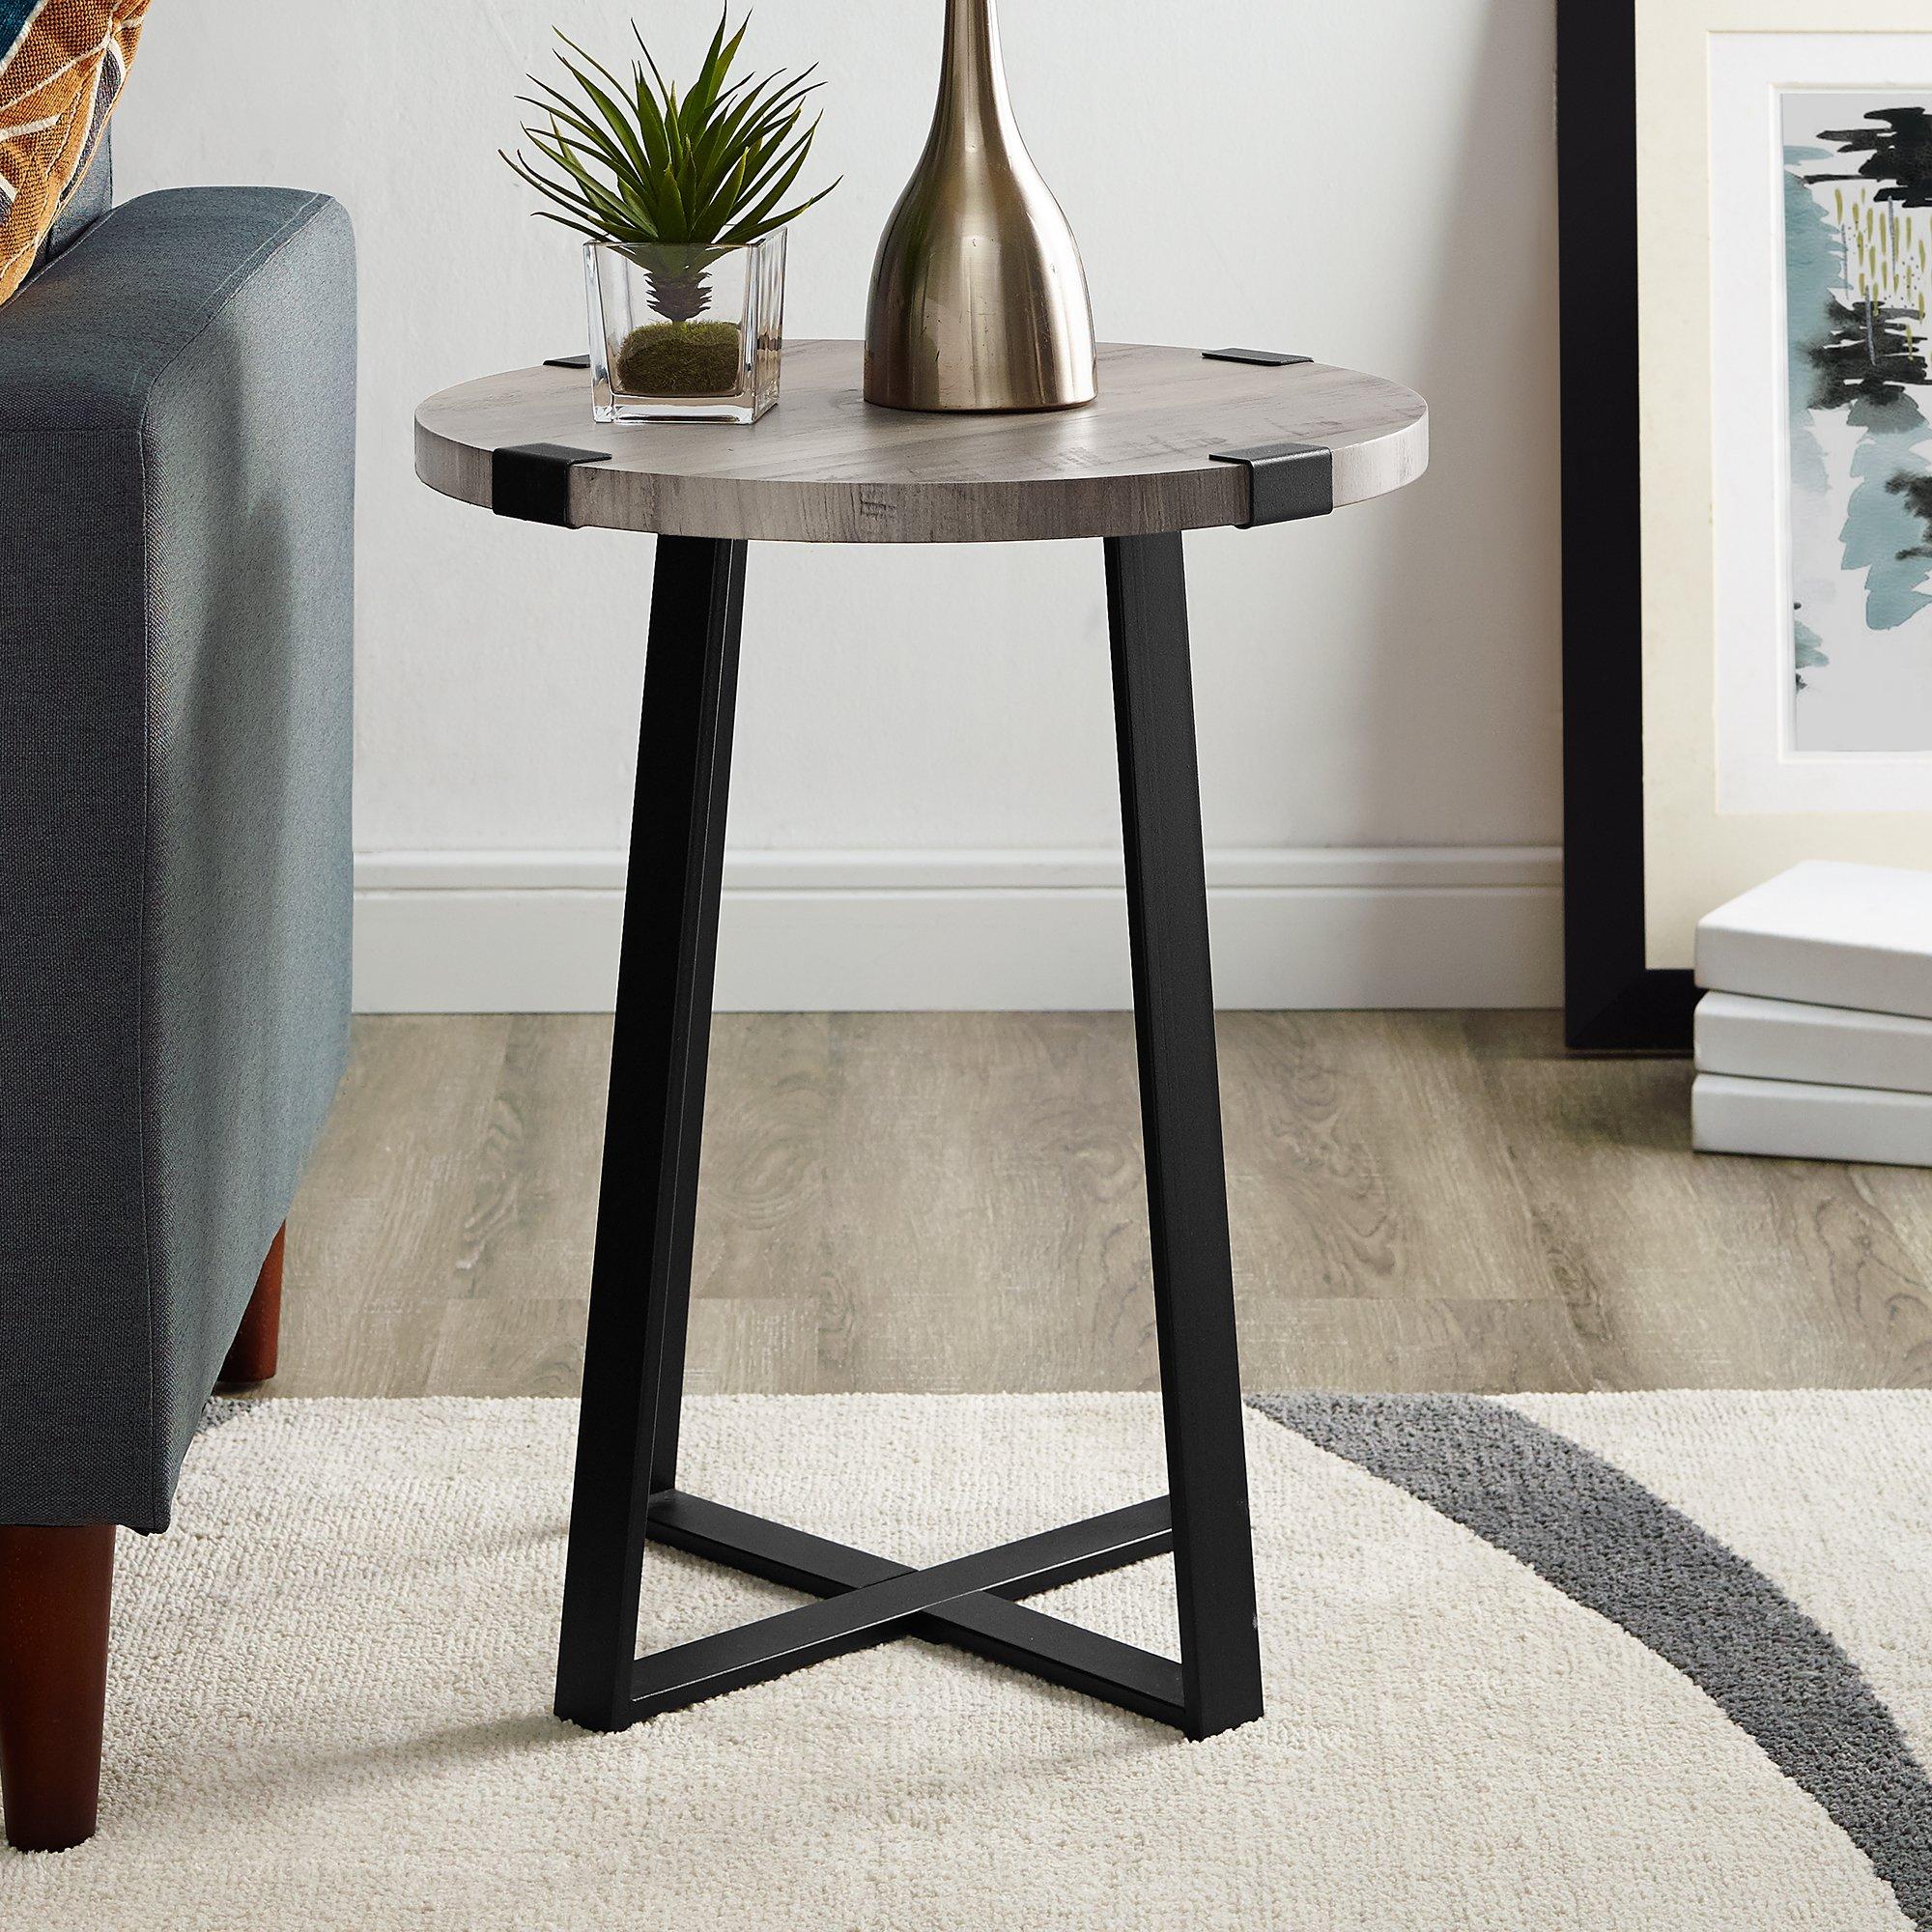 WE Furniture AZF18MWSTGW Side Table, Grey Wash